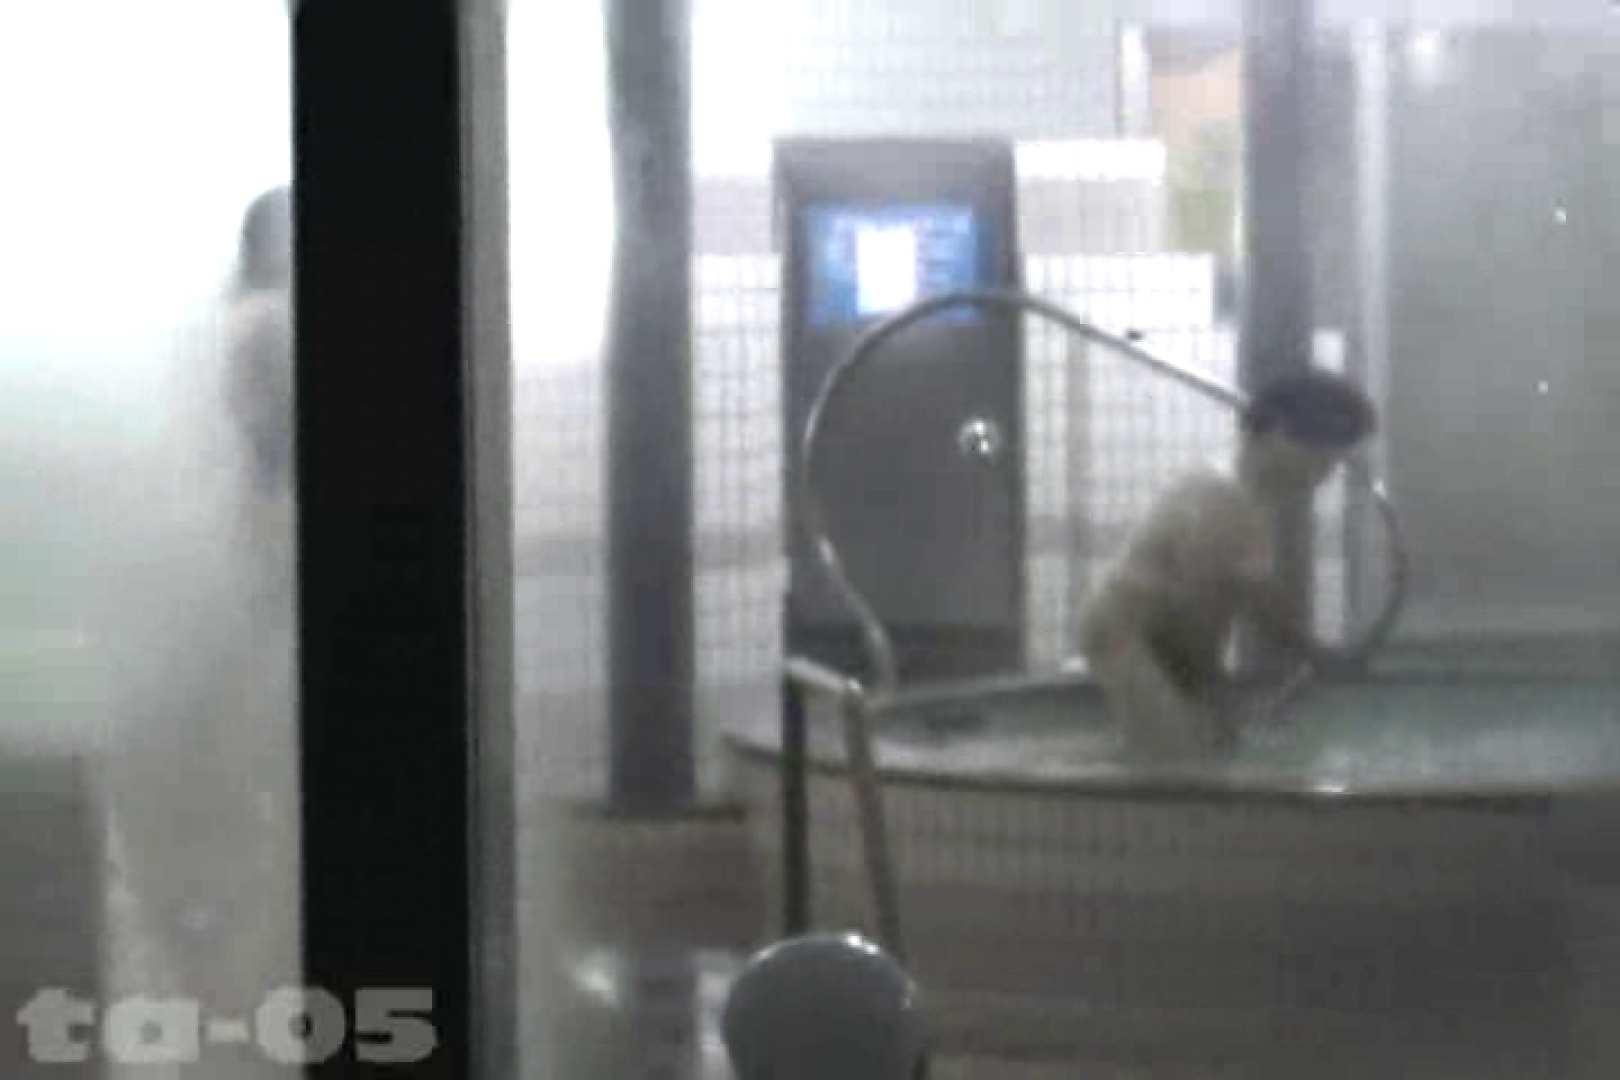 合宿ホテル女風呂盗撮高画質版 Vol.05 盗撮  100pic 80